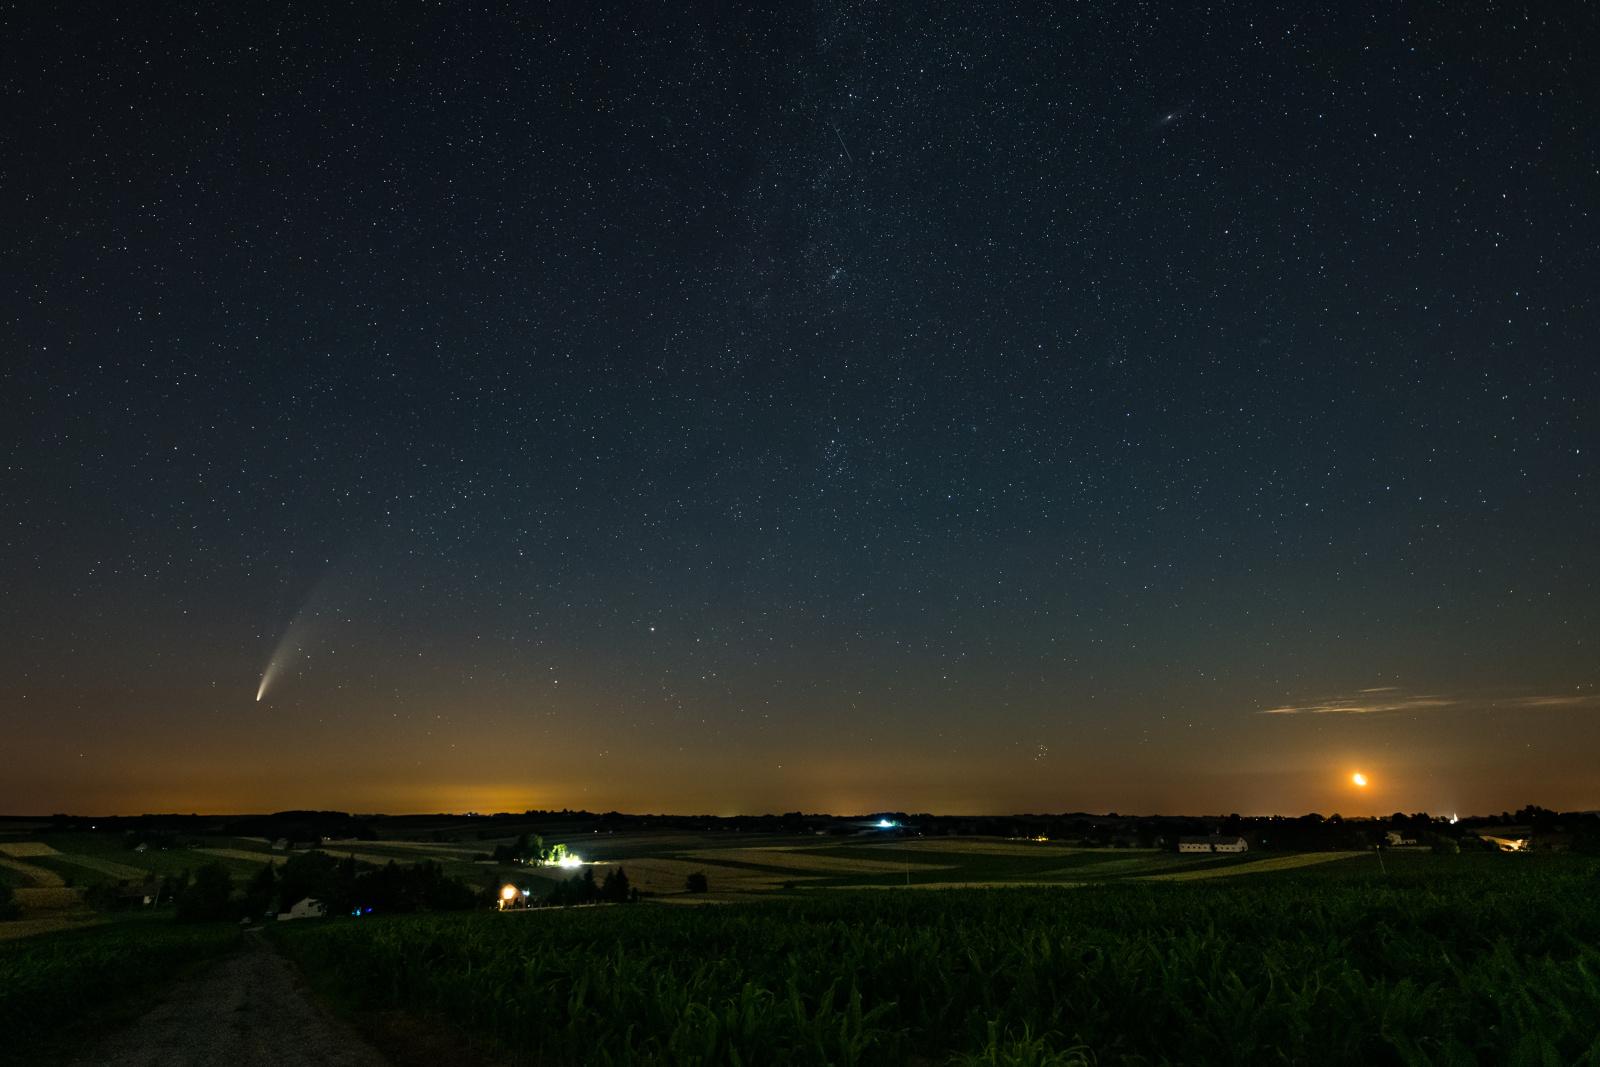 NEOWISE-D850-14mm-f2.8-ISO1600-10s.thumb.jpg.cf470f90a4276279e27f3ed117e572df.jpg